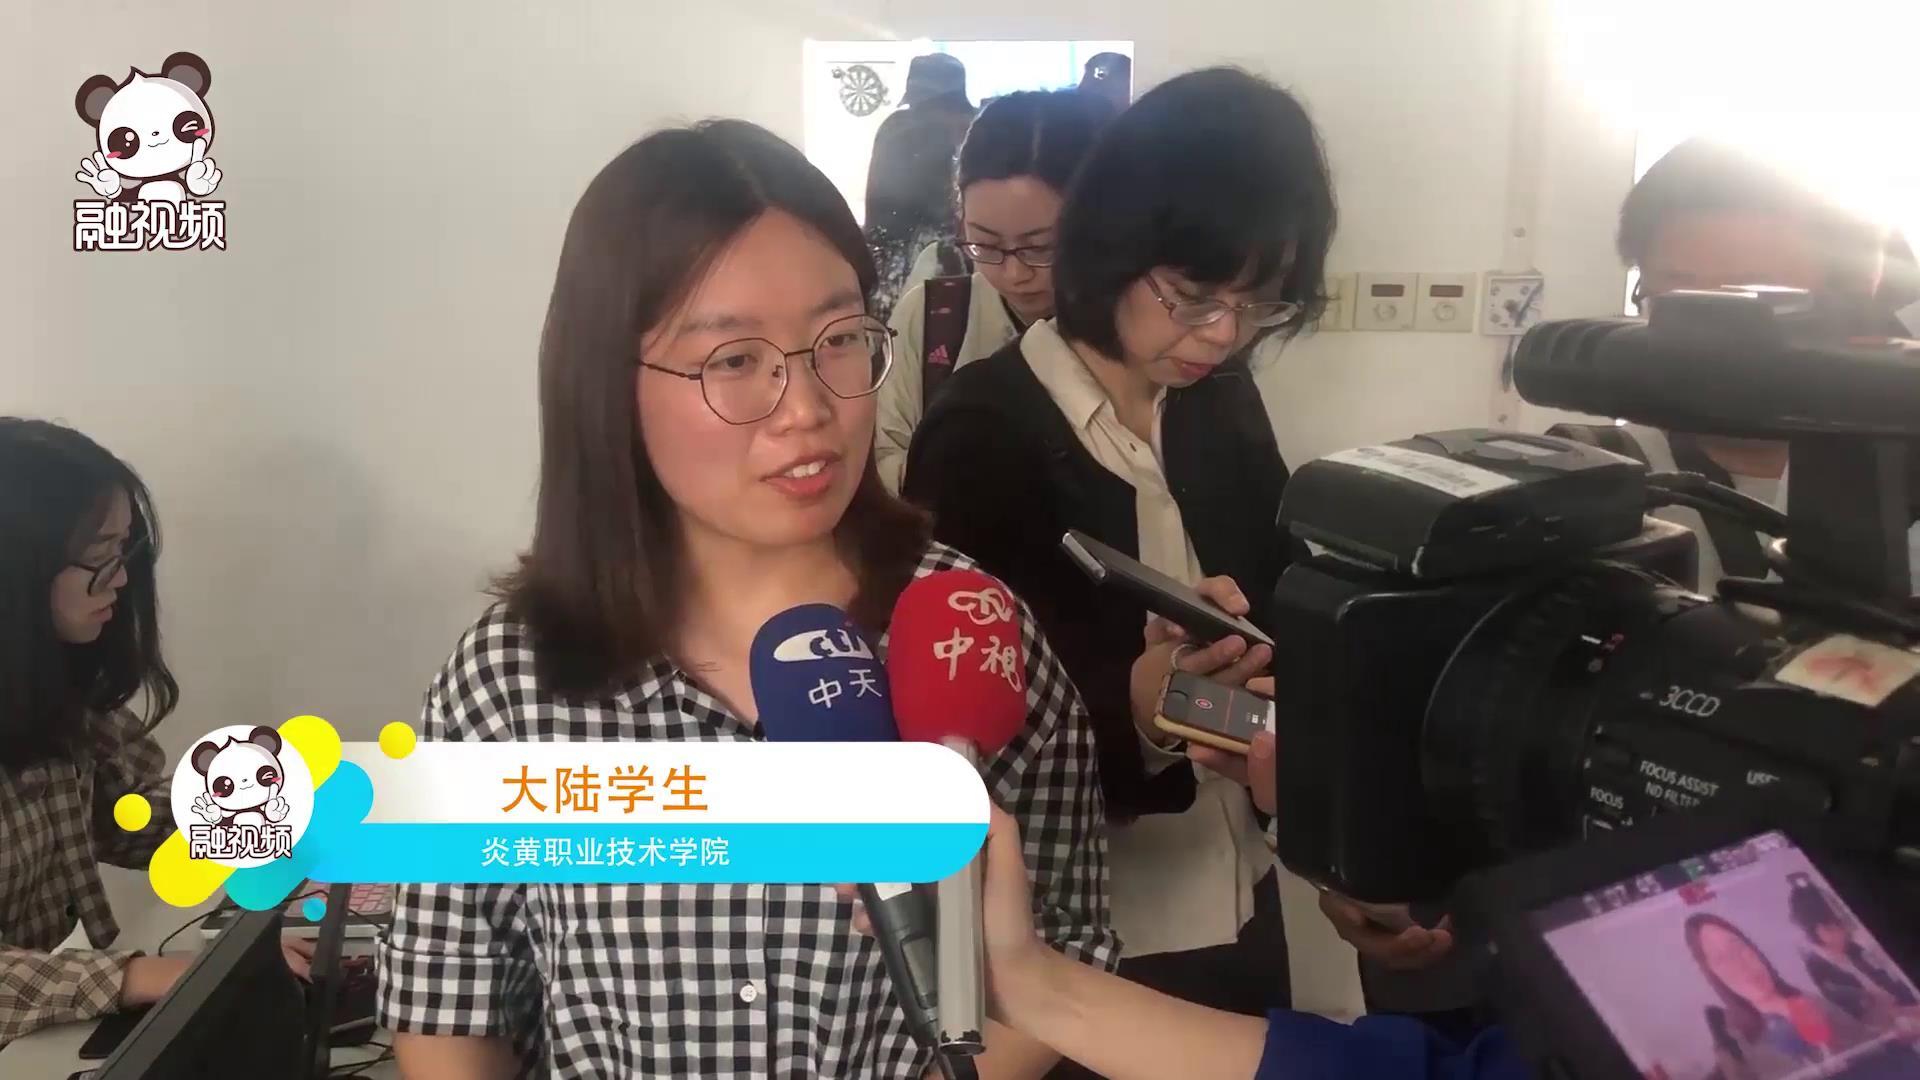 炎黄学院大陆学生:台湾老师萌萌哒,没有距离感图片